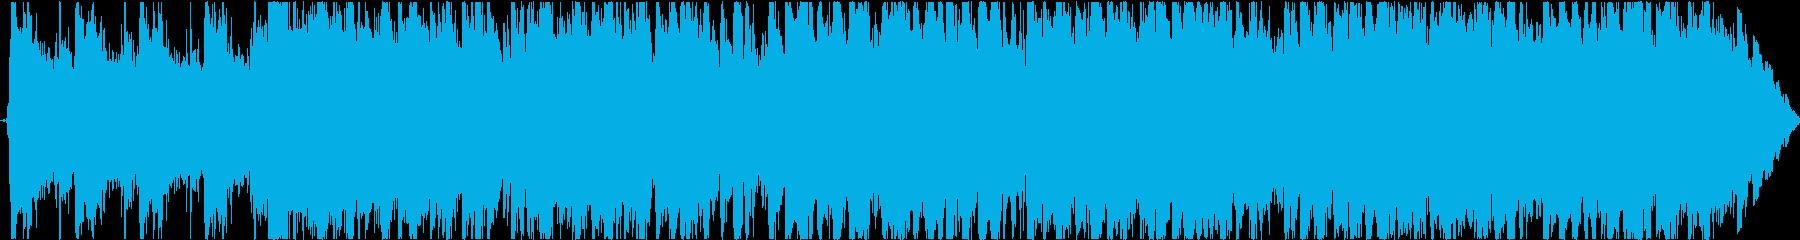 クールなウエスタンミュージックの再生済みの波形